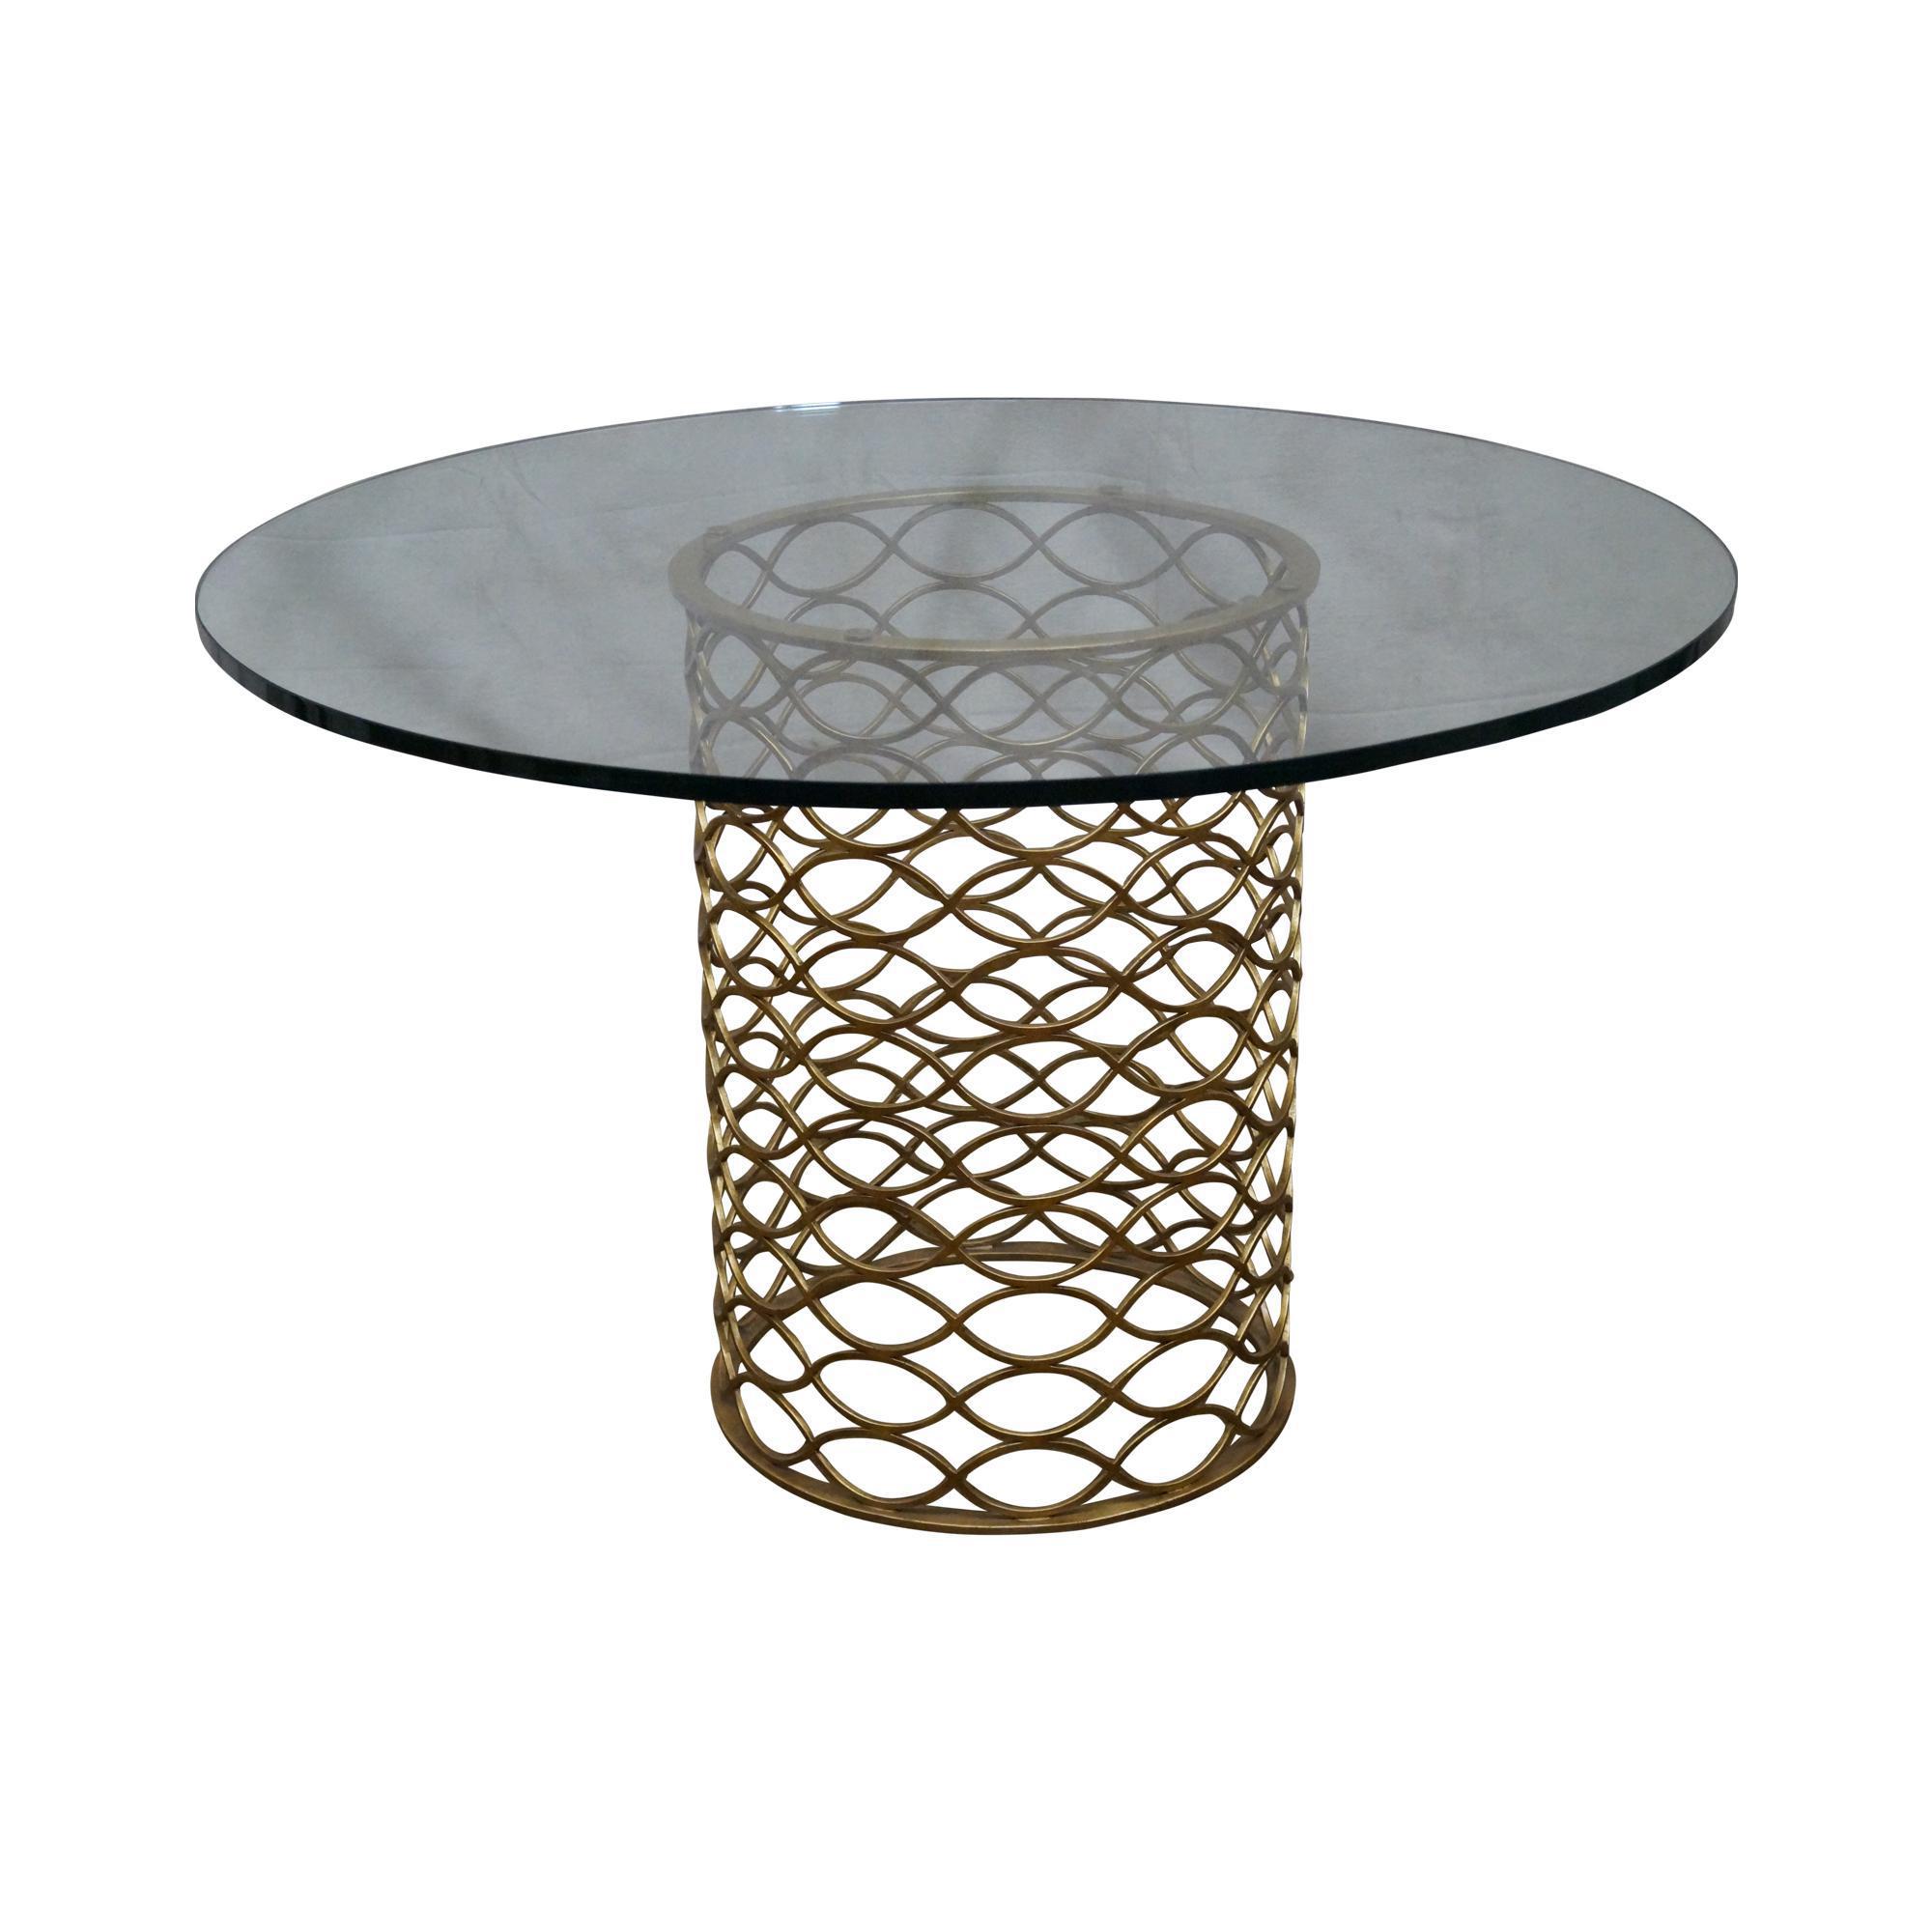 Jonathan Charles Gilt Metal Round Glass Top Dining Table